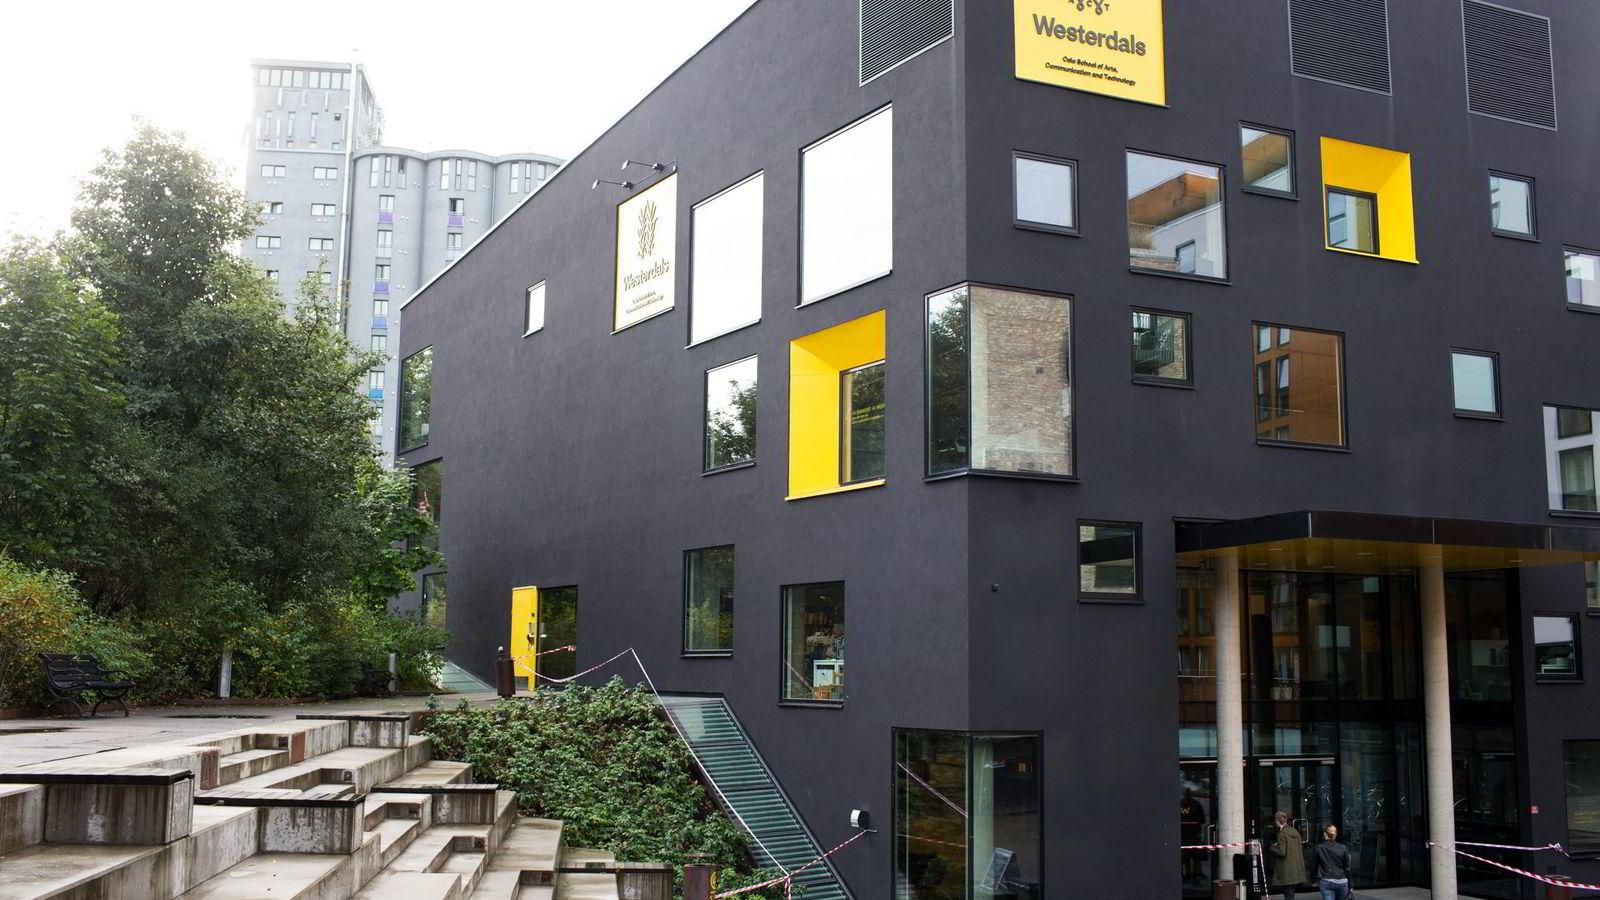 Reklame- og kommunikasjonsskolen Westerdals, Oslo.